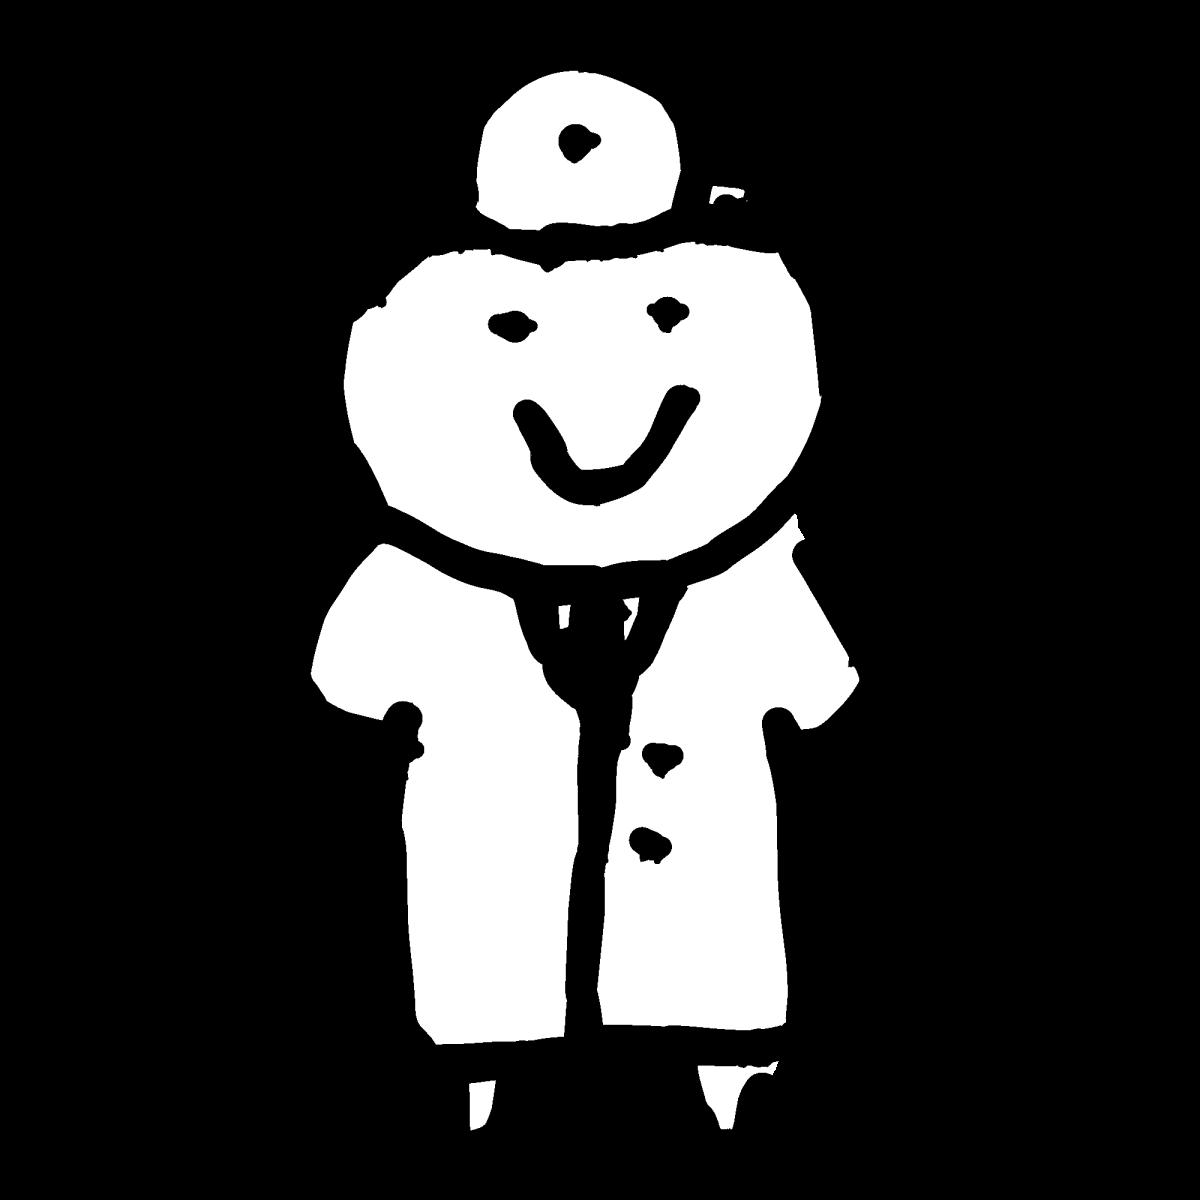 お医者さん1のイラスト / Doctor 1 Illustration